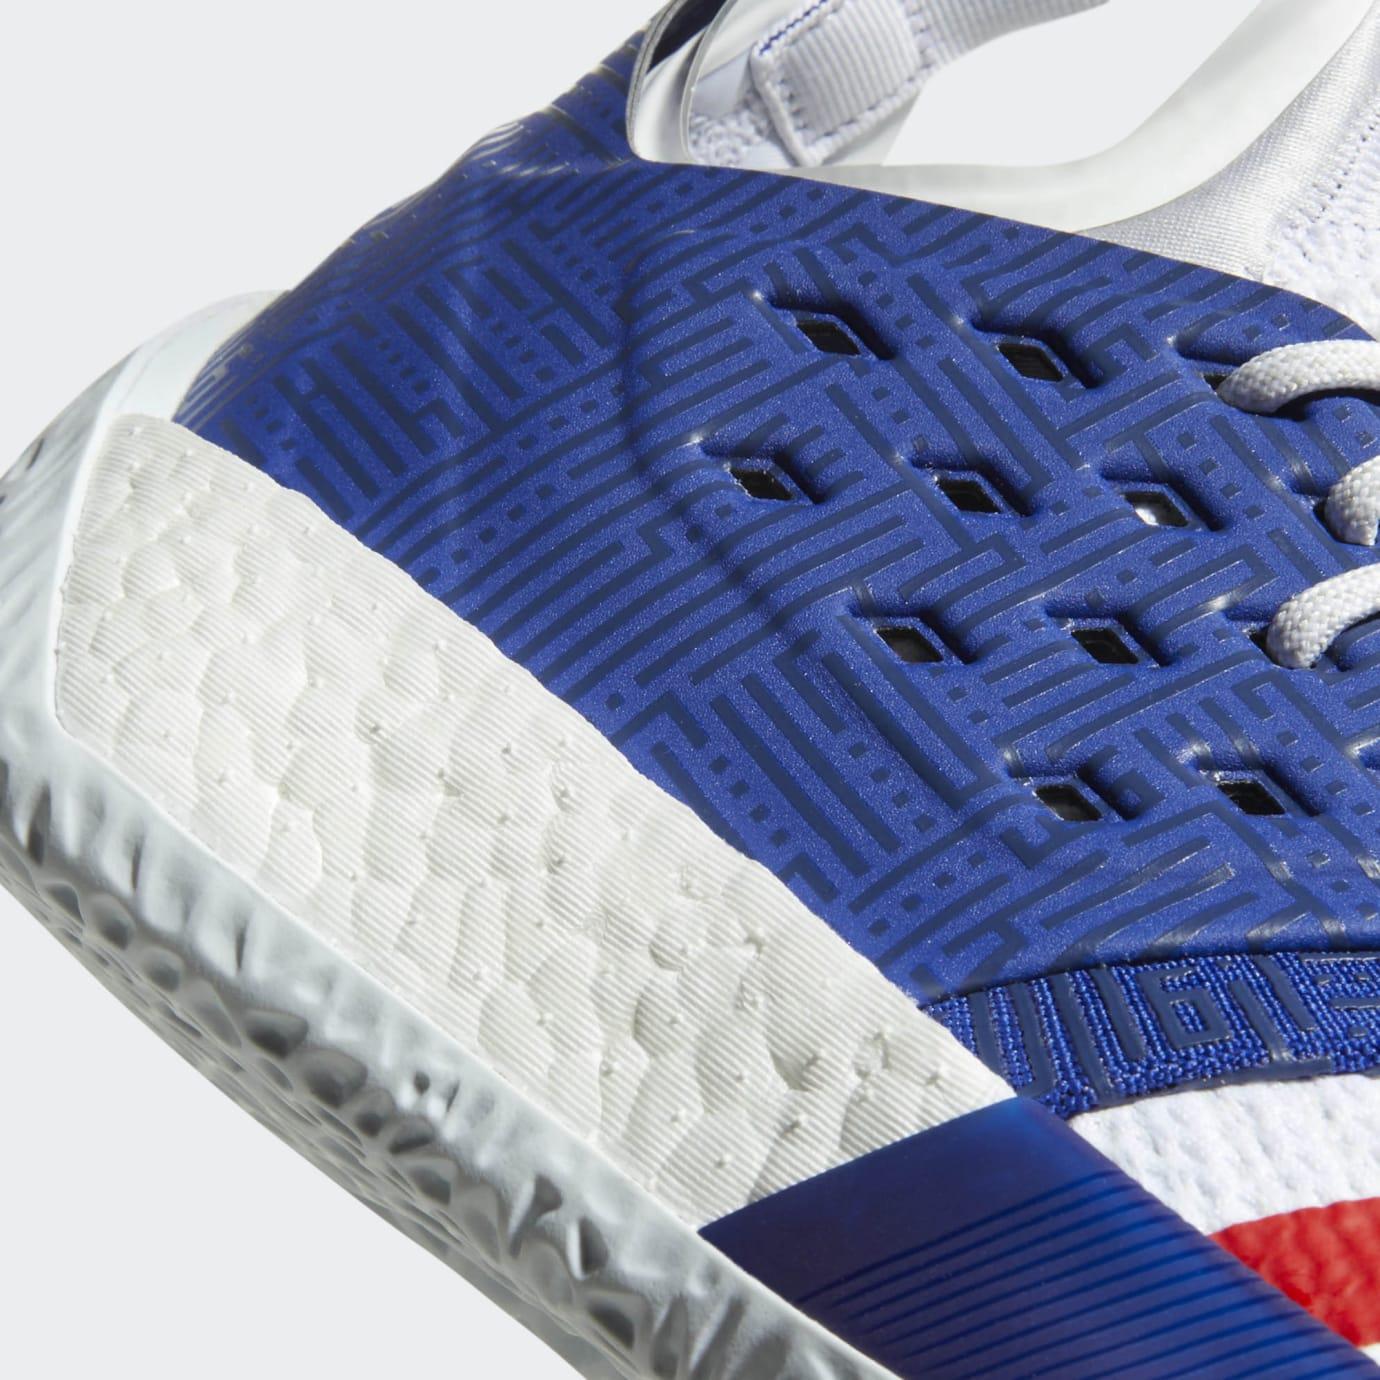 741eaffd8e08 Image via Adidas adidas-harden-vol-2-red-white-blue-aq0026-